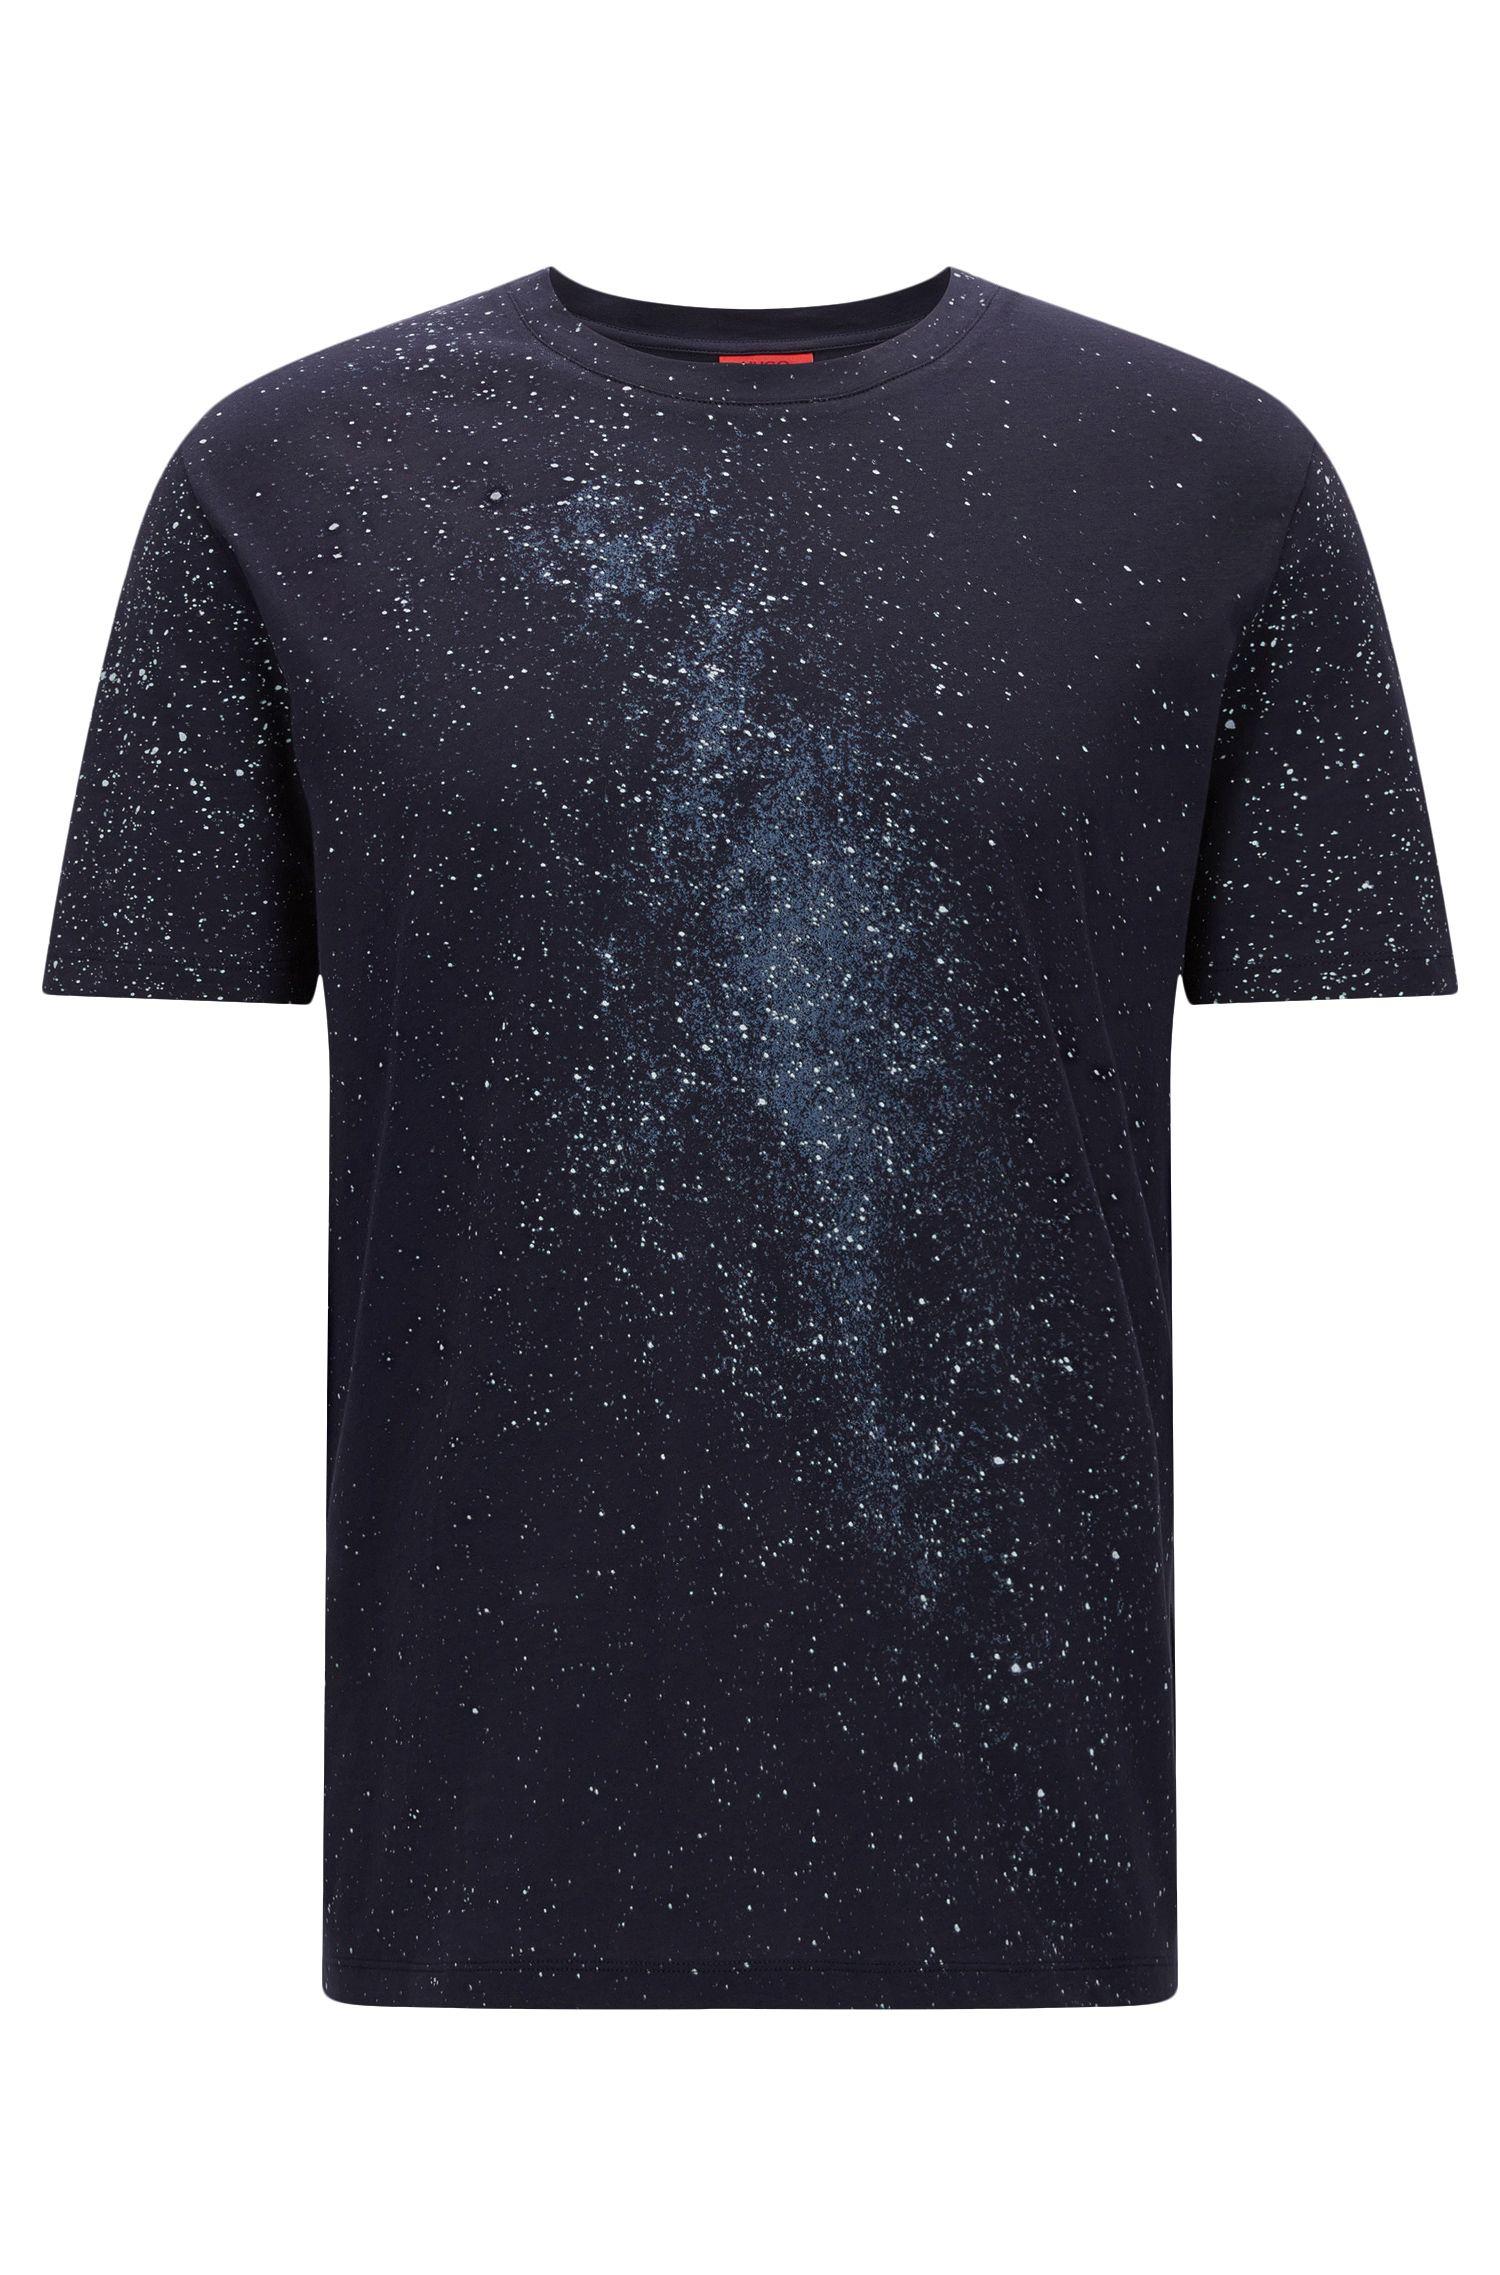 T-shirt en coton Oversized Fit à imprimé Voie lactée